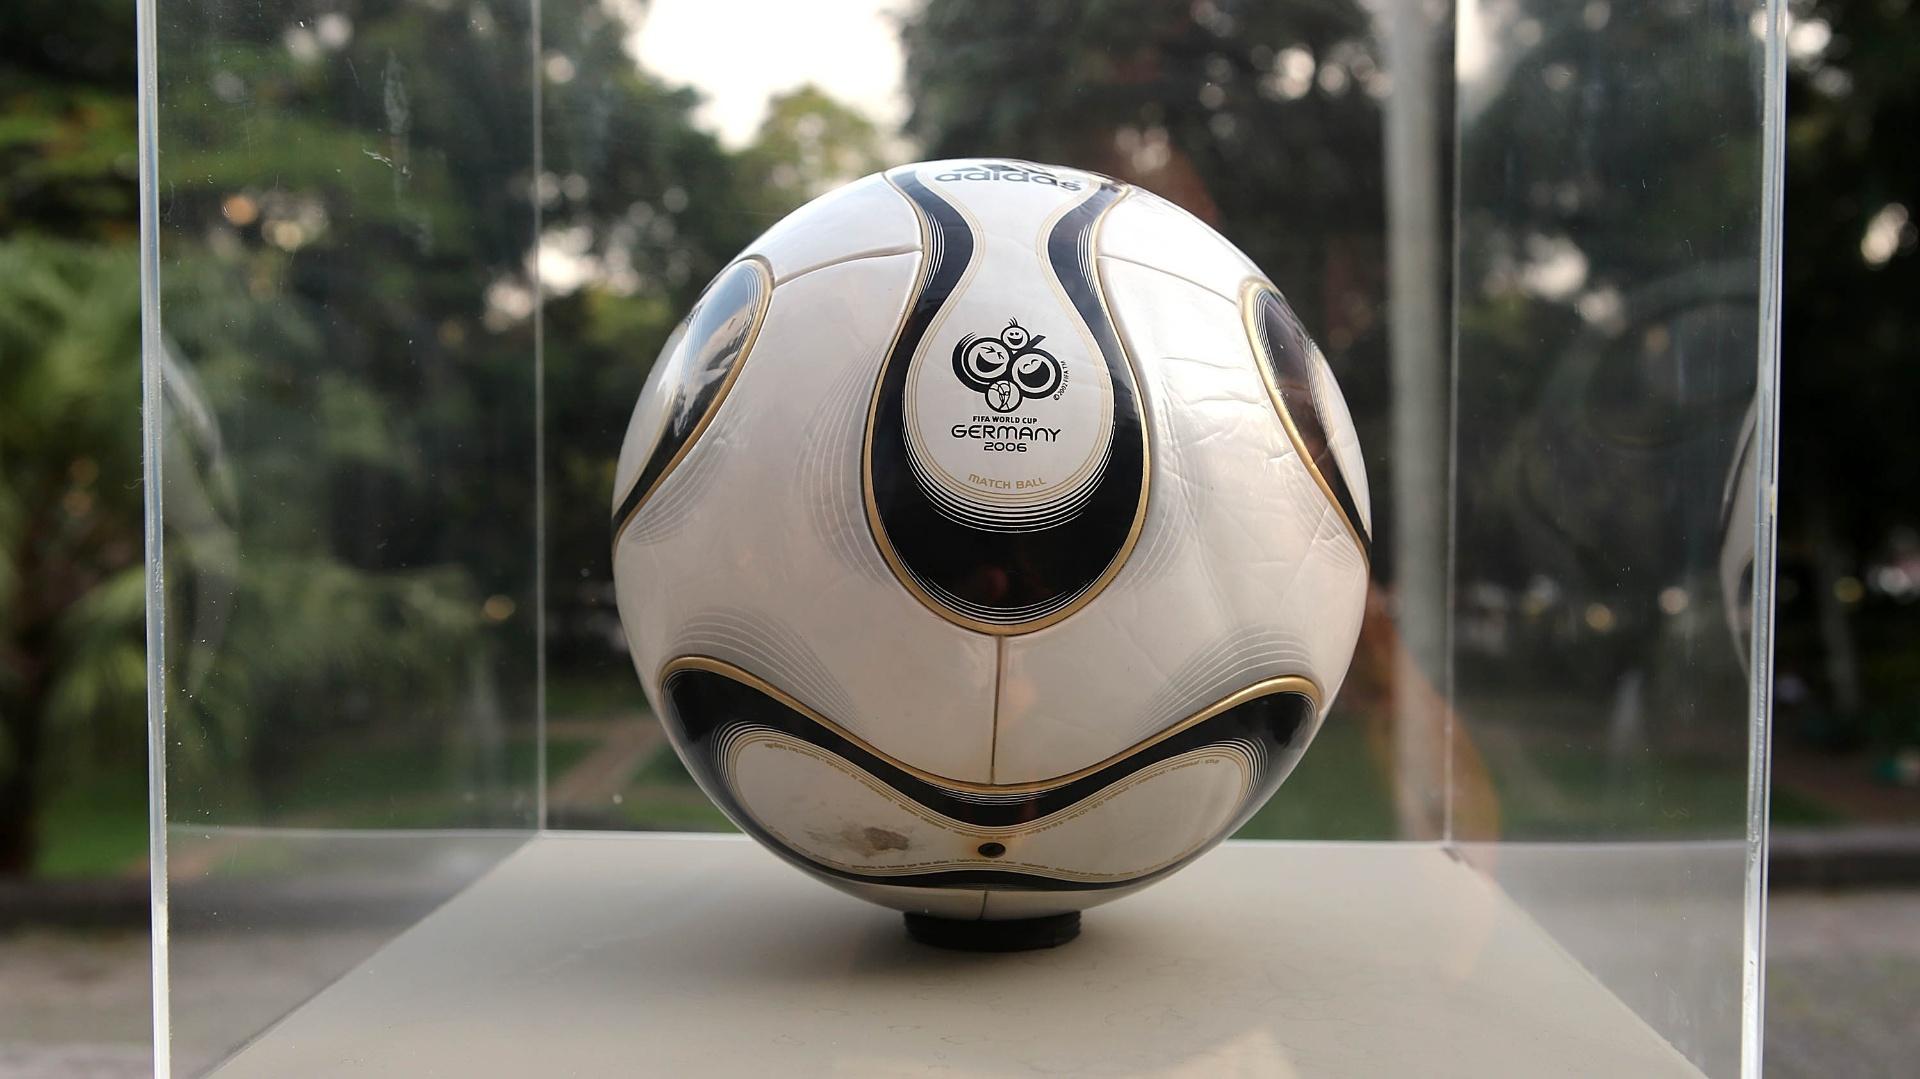 """03.dez.2013 - A bola da Copa de 2006 na Alemanha recebeu muitas mensagens. Seu nome, Teamgeisto, significa """"espírito de equipe"""" em alemão e, sobre ela, aparecia a inscrição, em inglês, """"A time to make friends"""" (""""É tempo de fazer amigos"""")"""